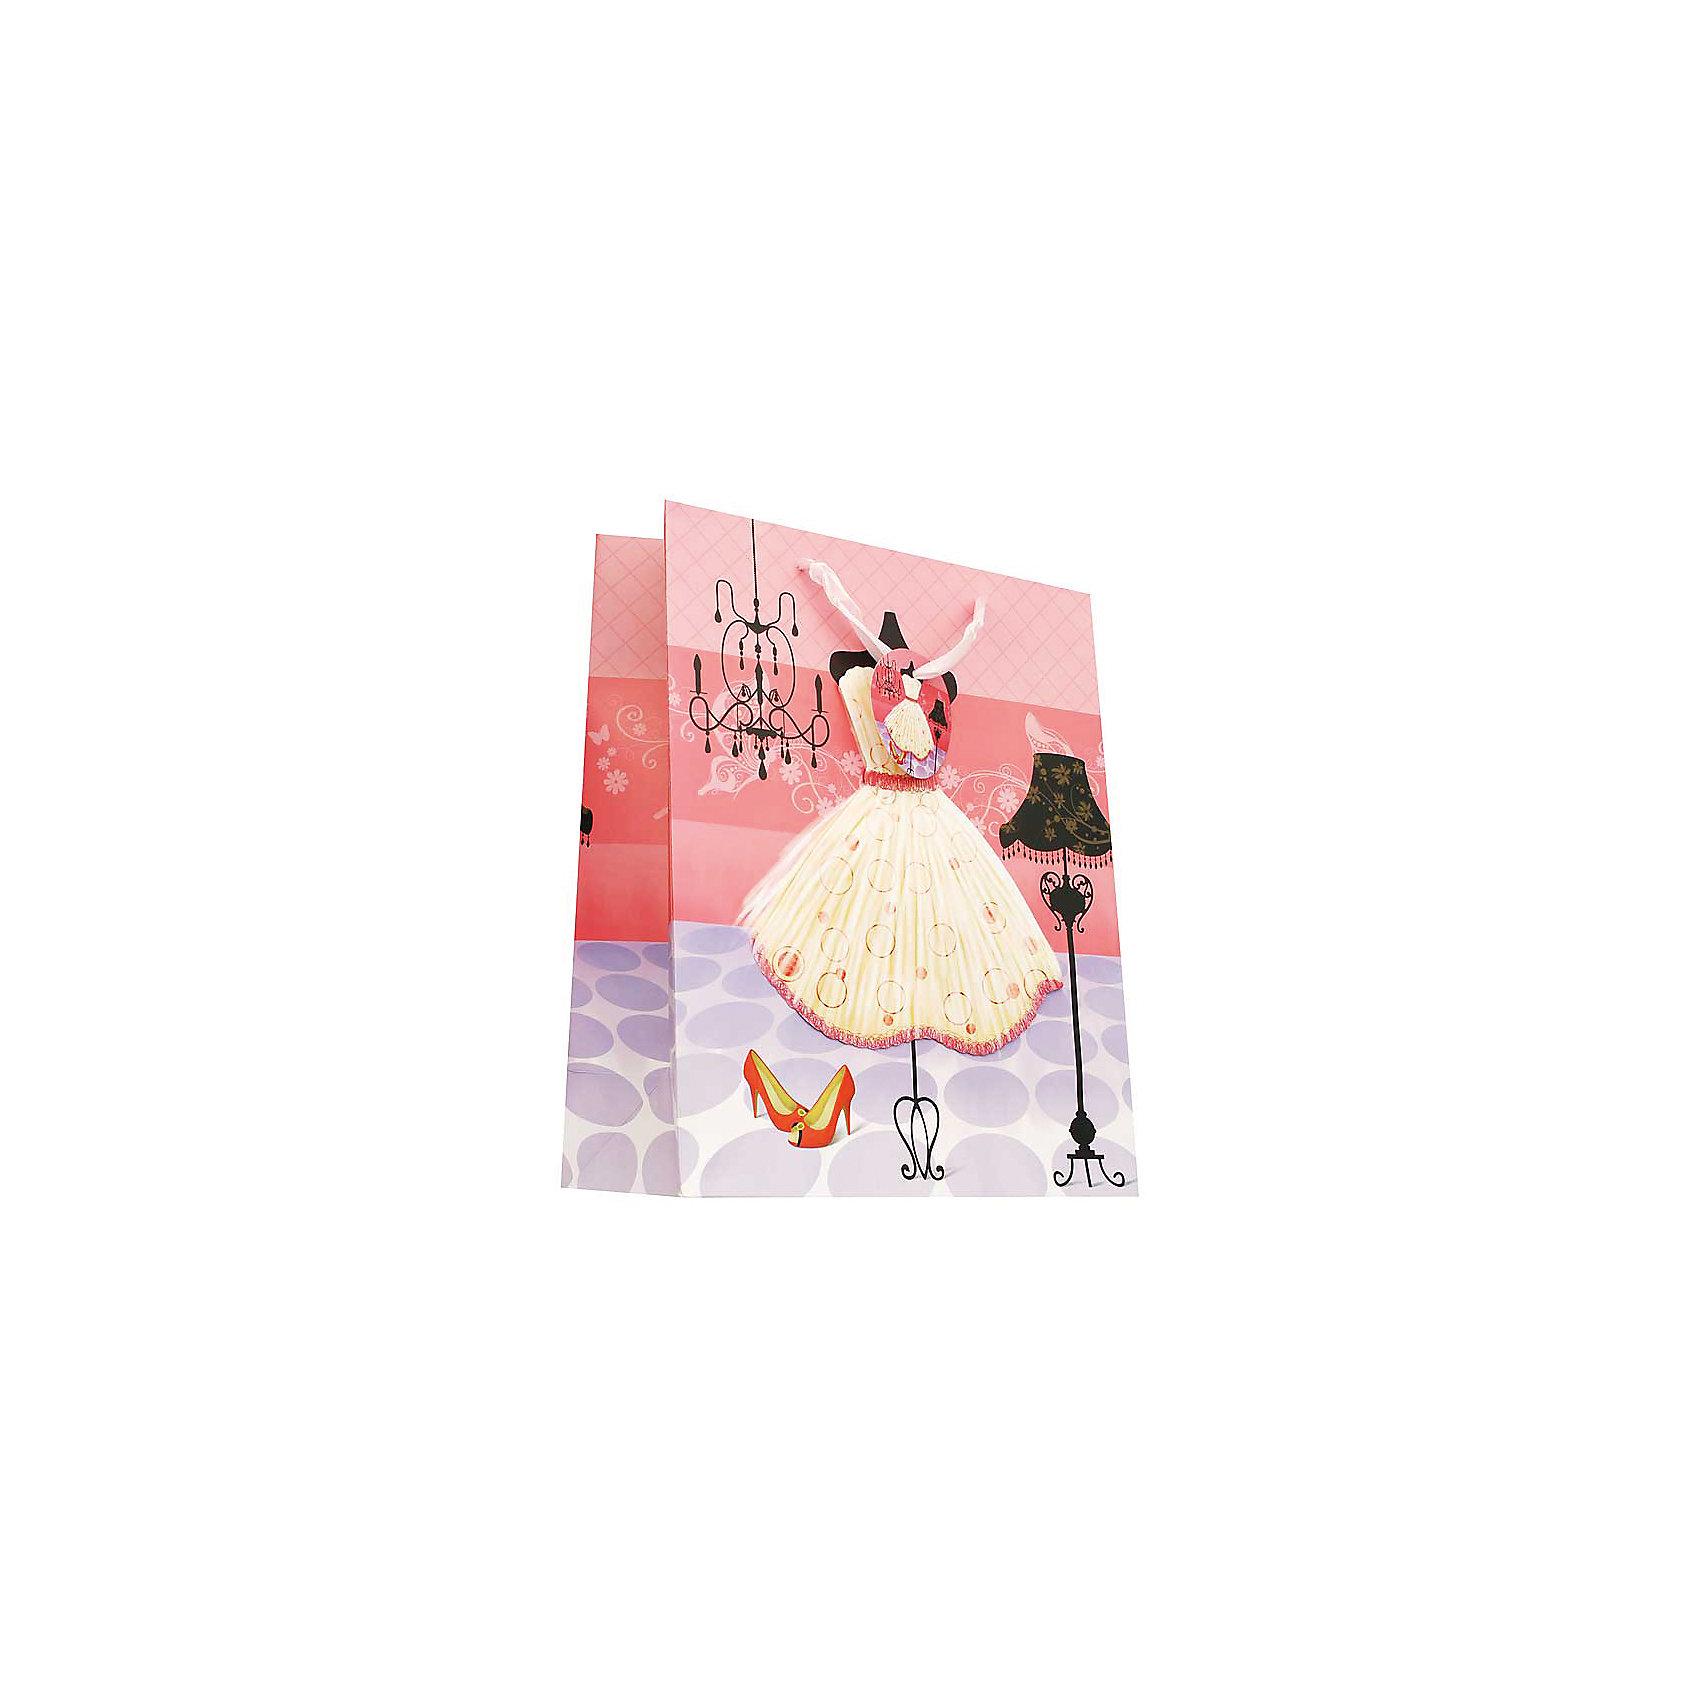 Пакет Чайное платьеПакет Чайное платье, Белоснежка.<br><br>Характеристики:<br><br>• оригинальный дизайн<br>• удобные ручки<br>• прочные материалы<br>• состав: бумага<br>• размер: 26х32х10 см<br><br>Пакет Чайное платье изготовлен из прочной бумаги и имеет плотное дно. Ручки пакета выполнены из ткани, приятной рукам. Пакет украшен рисунком с изображением очаровательного пышного платье. Этот пакет - превосходное дополнение к подарку!<br><br>Вы можете купить пакет Чайное платье в нашем интернет-магазине.<br><br>Ширина мм: 320<br>Глубина мм: 260<br>Высота мм: 100<br>Вес г: 40<br>Возраст от месяцев: 72<br>Возраст до месяцев: 144<br>Пол: Женский<br>Возраст: Детский<br>SKU: 5089602